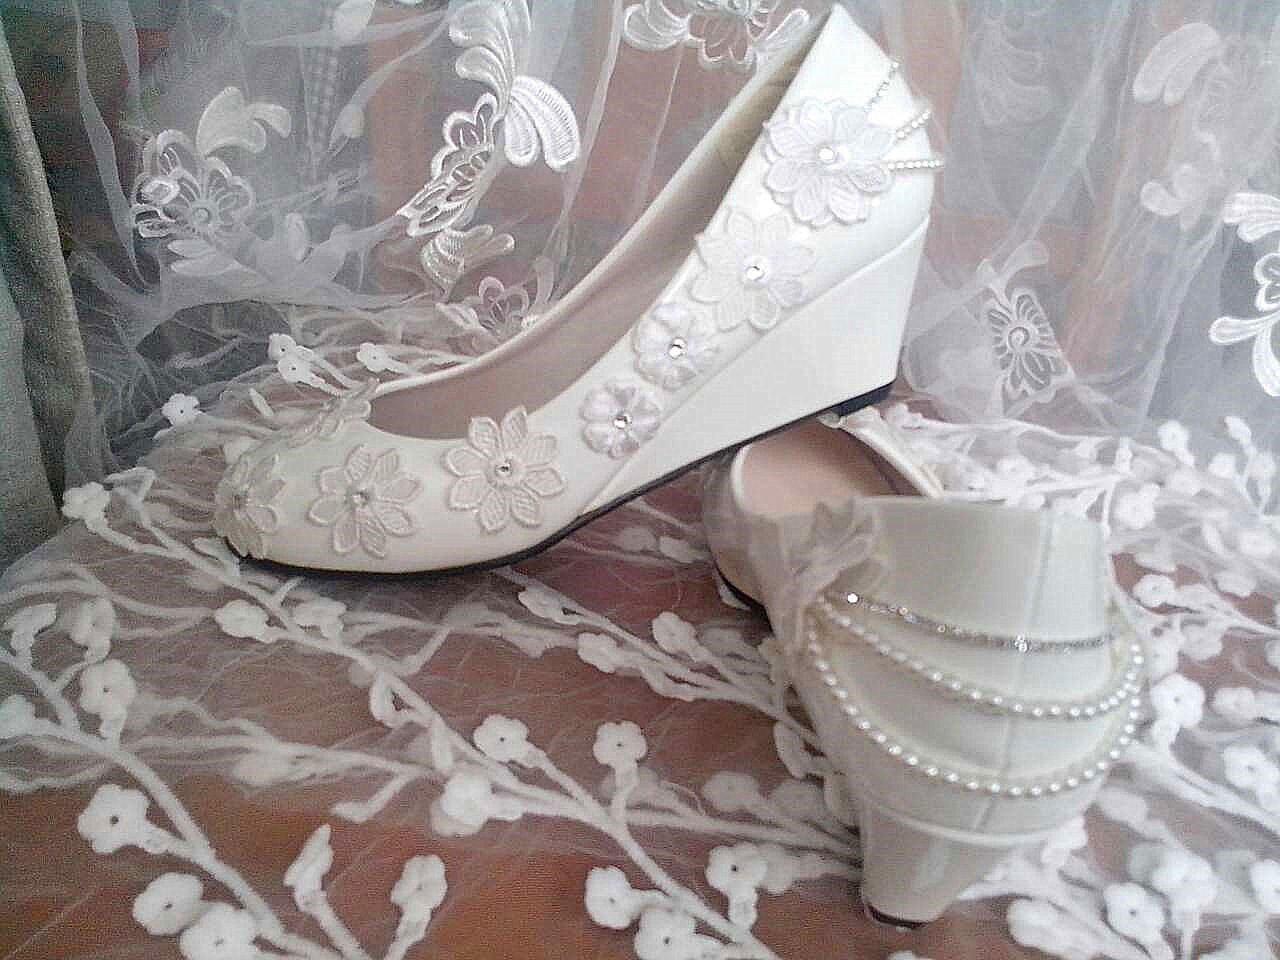 JINGXINSTORE 3 cm cm cm Keil Flache Schuhe weiße Perle Kette Spitze Hochzeitsschuhe Braut Größe 5.5-8.5 22aeb9